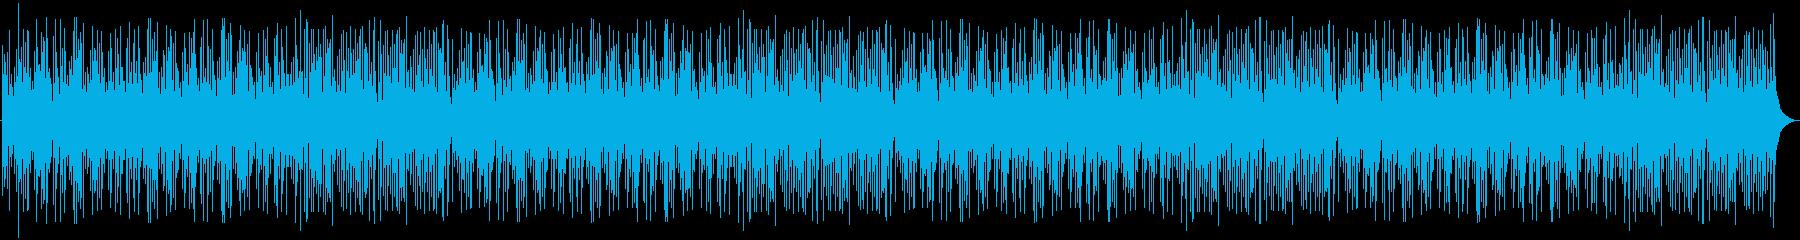 和風のリラックスBGMの再生済みの波形